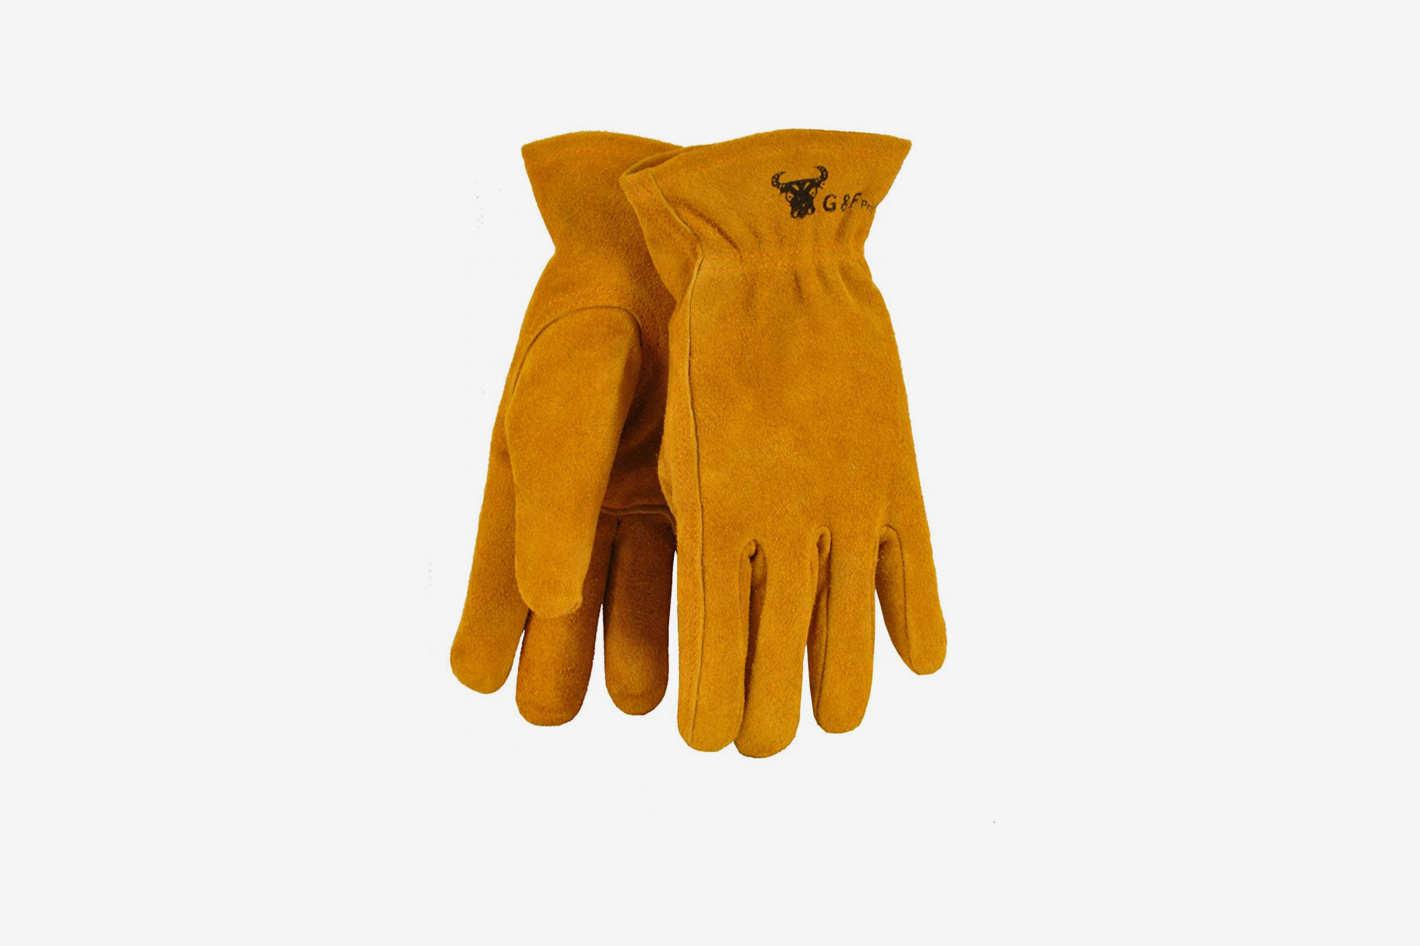 G & F 5013L JustForKids Kids Genuine Leather Work Gloves, Kids Garden Gloves